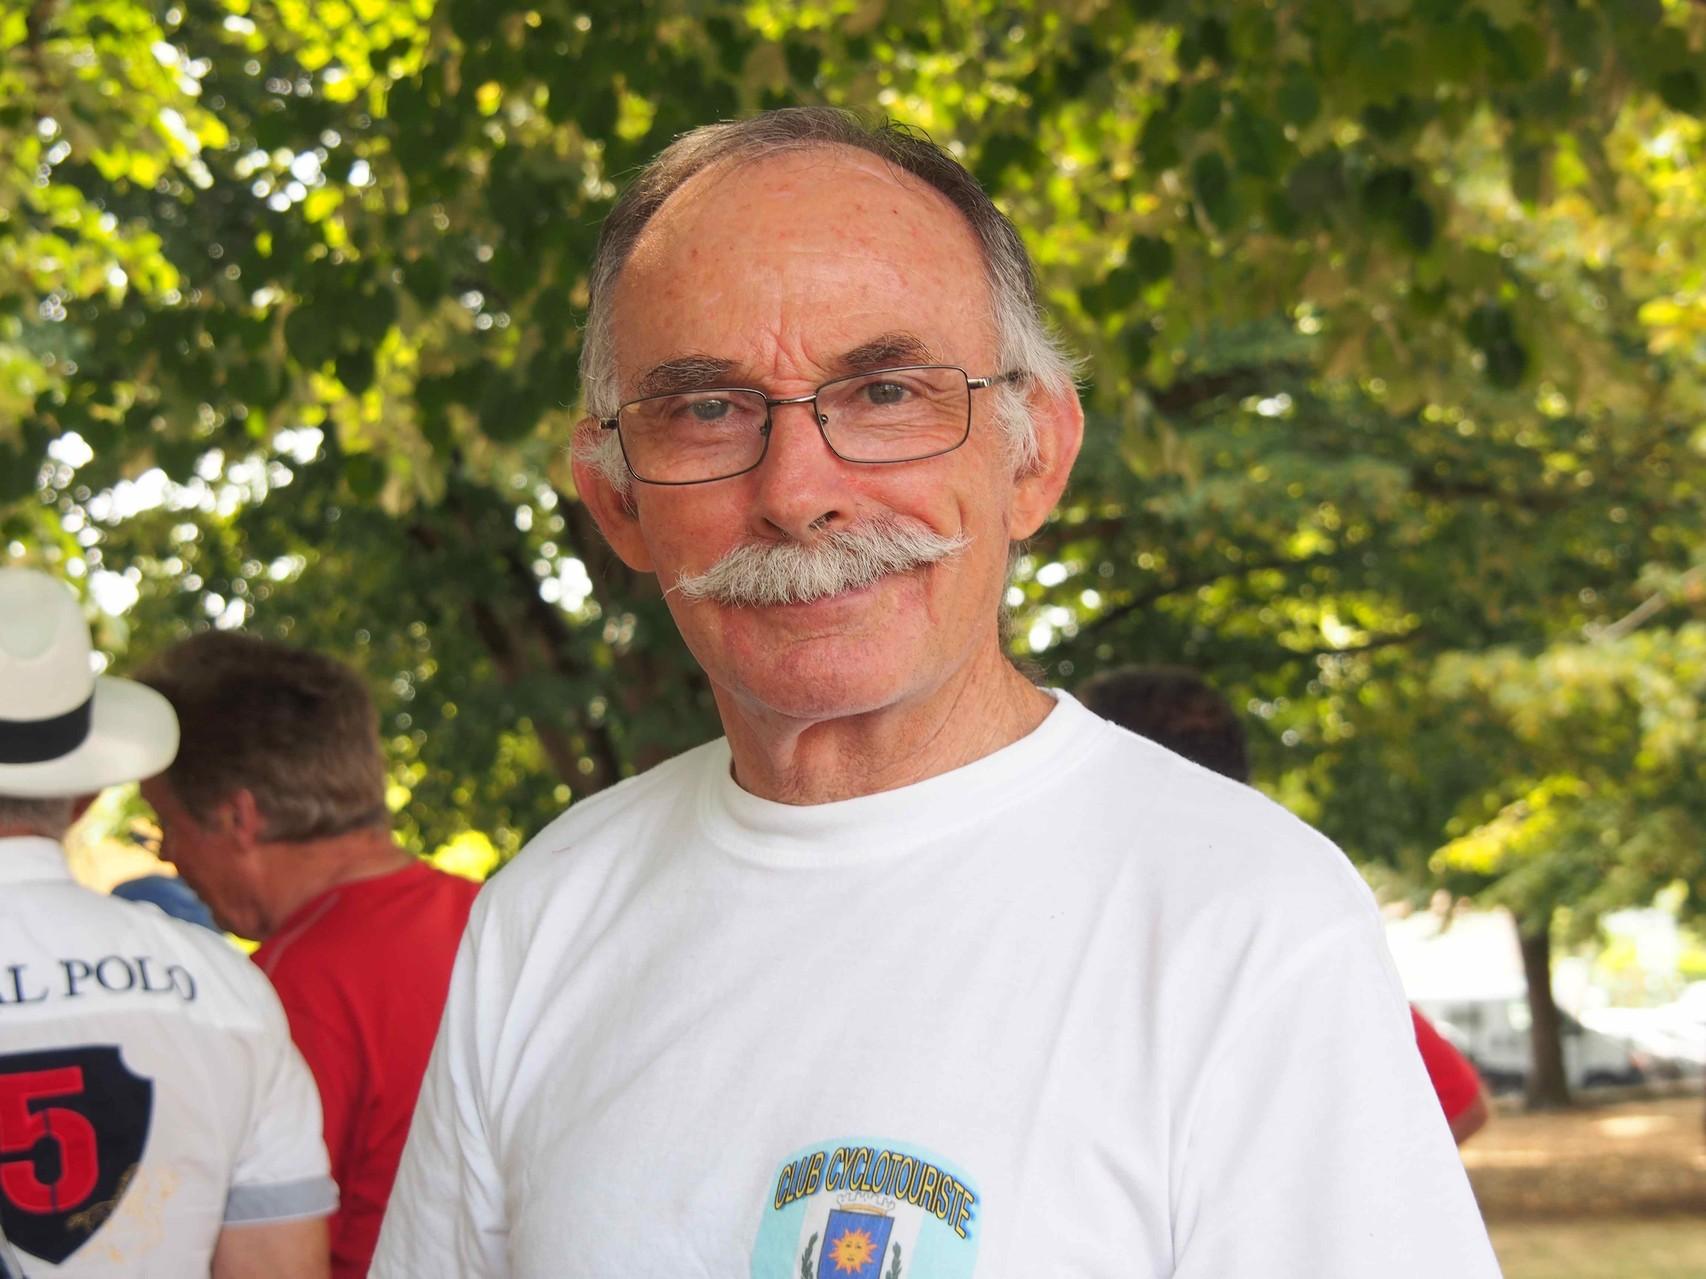 Charles ou les plus belles moustaches du CCA